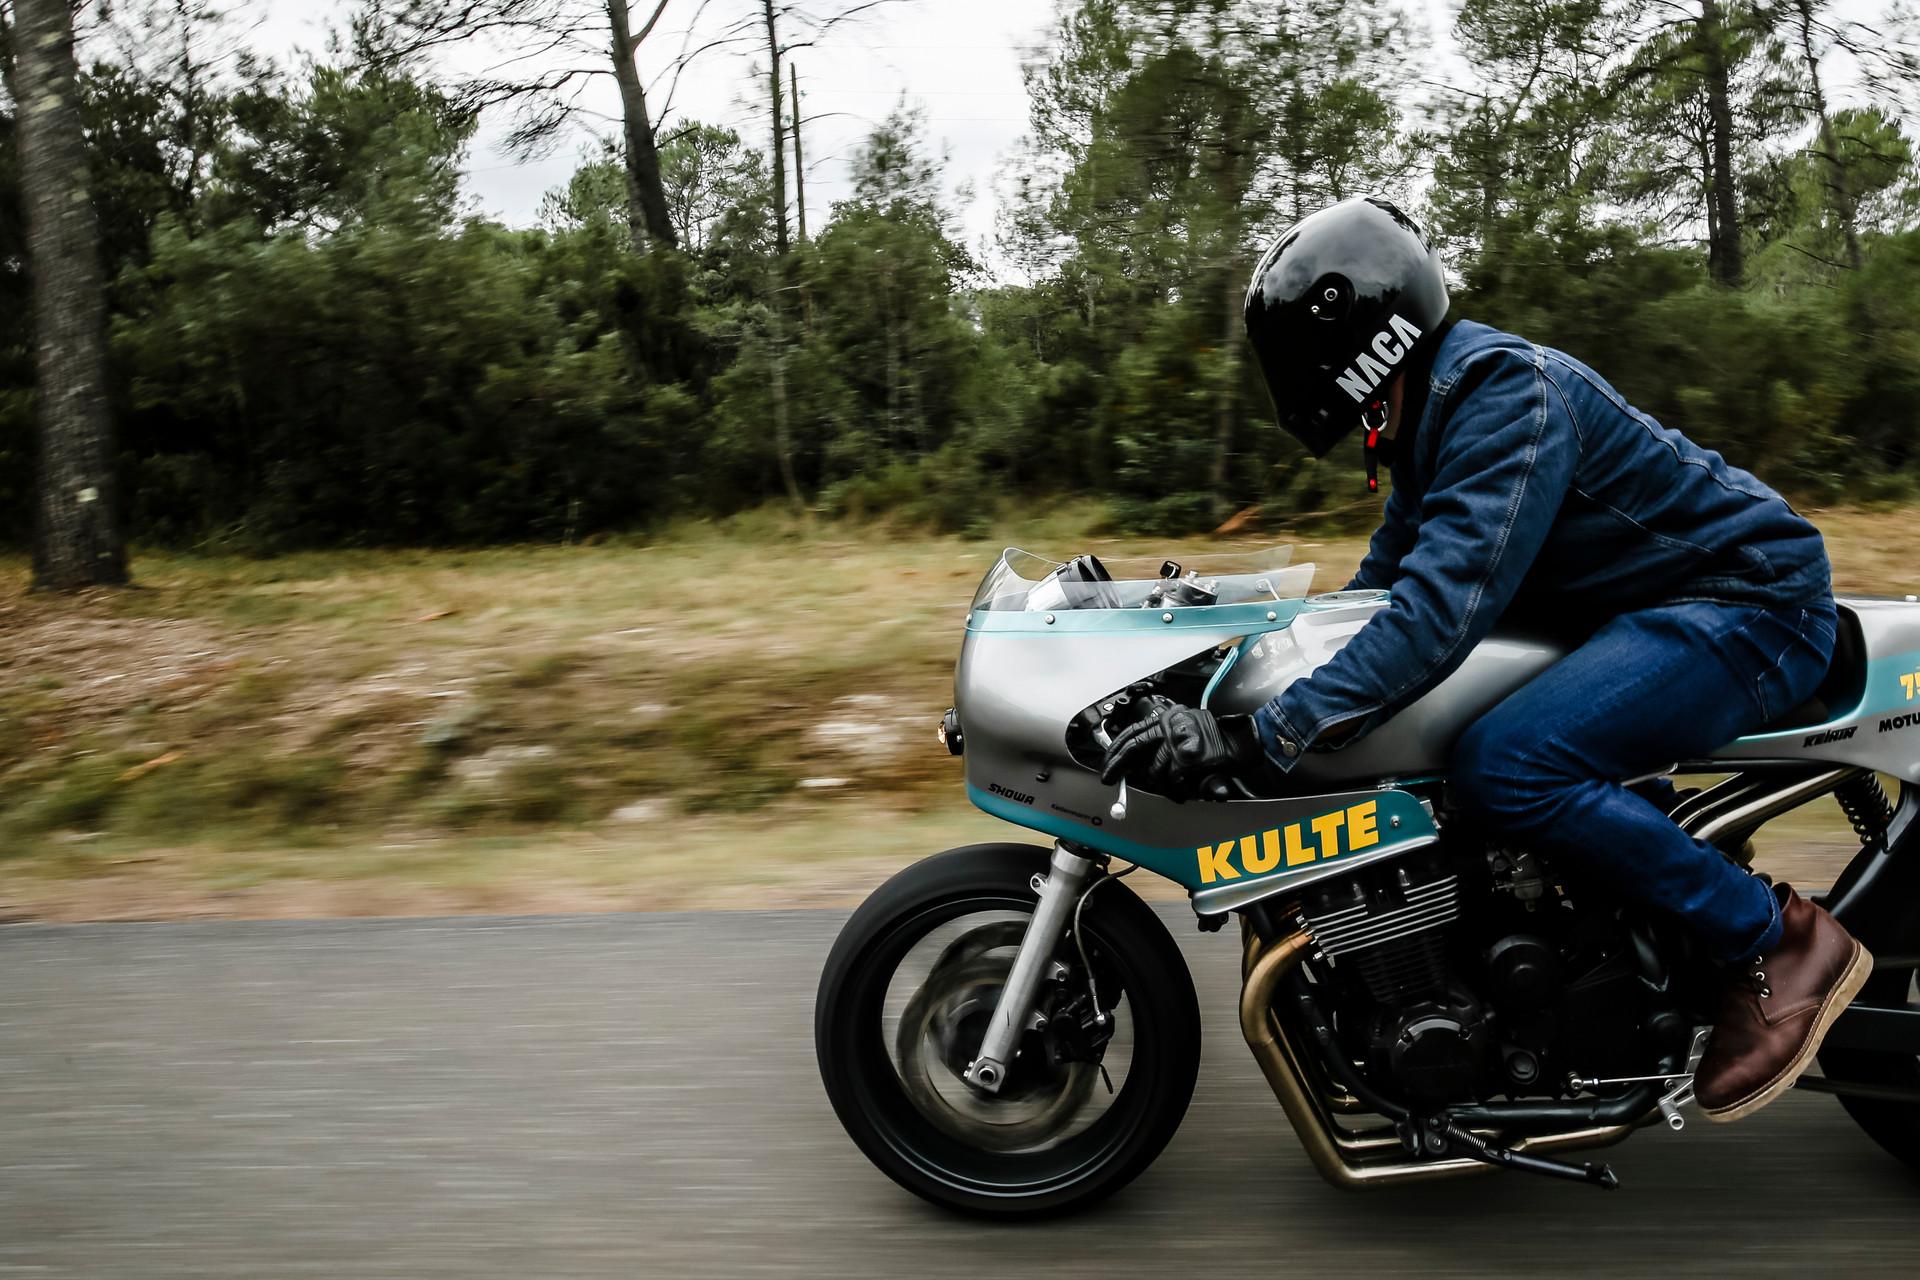 KULTE RACER / 750 RKB